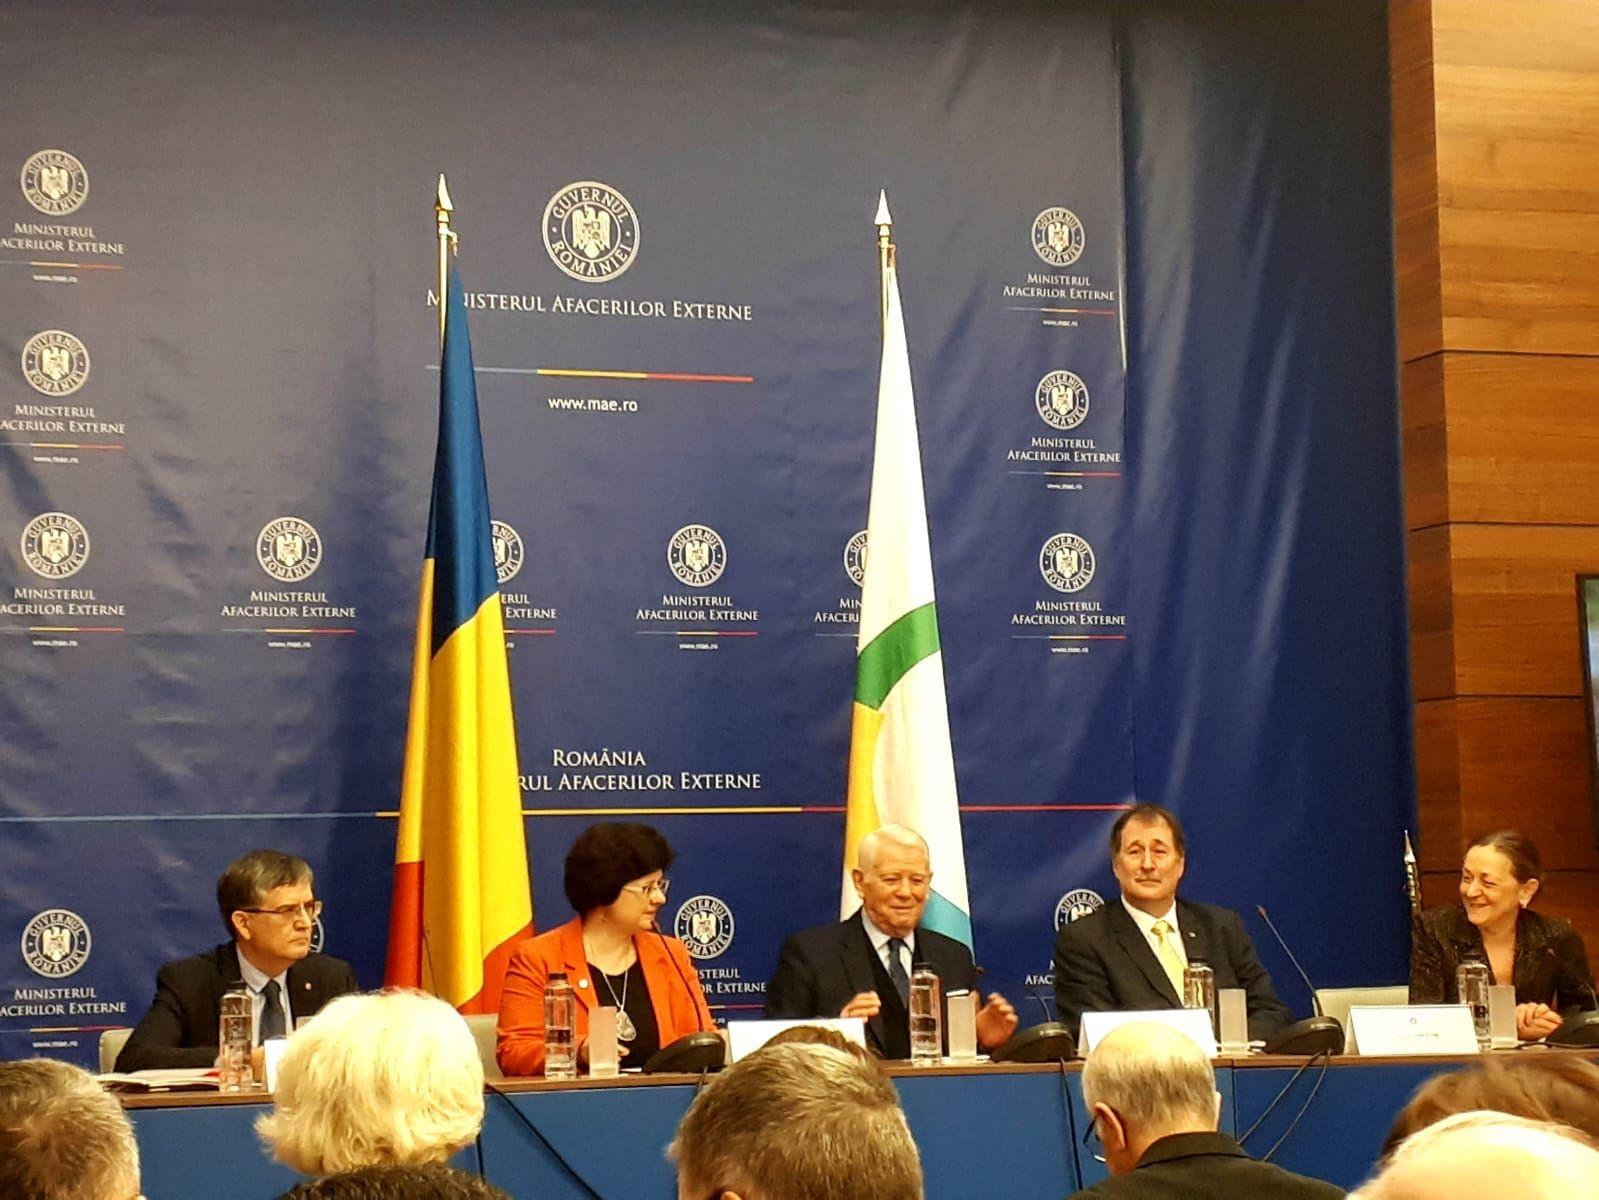 Astăzi, secretarul de stat al ANES, Grațiela Drăghici, a participat la evenimentul organizat de MAE cu ocazia celebrării Zilei Internaționale a Francofoniei precum și aniversării a 25 de ani de la aderarea României la mișcarea francofonă.